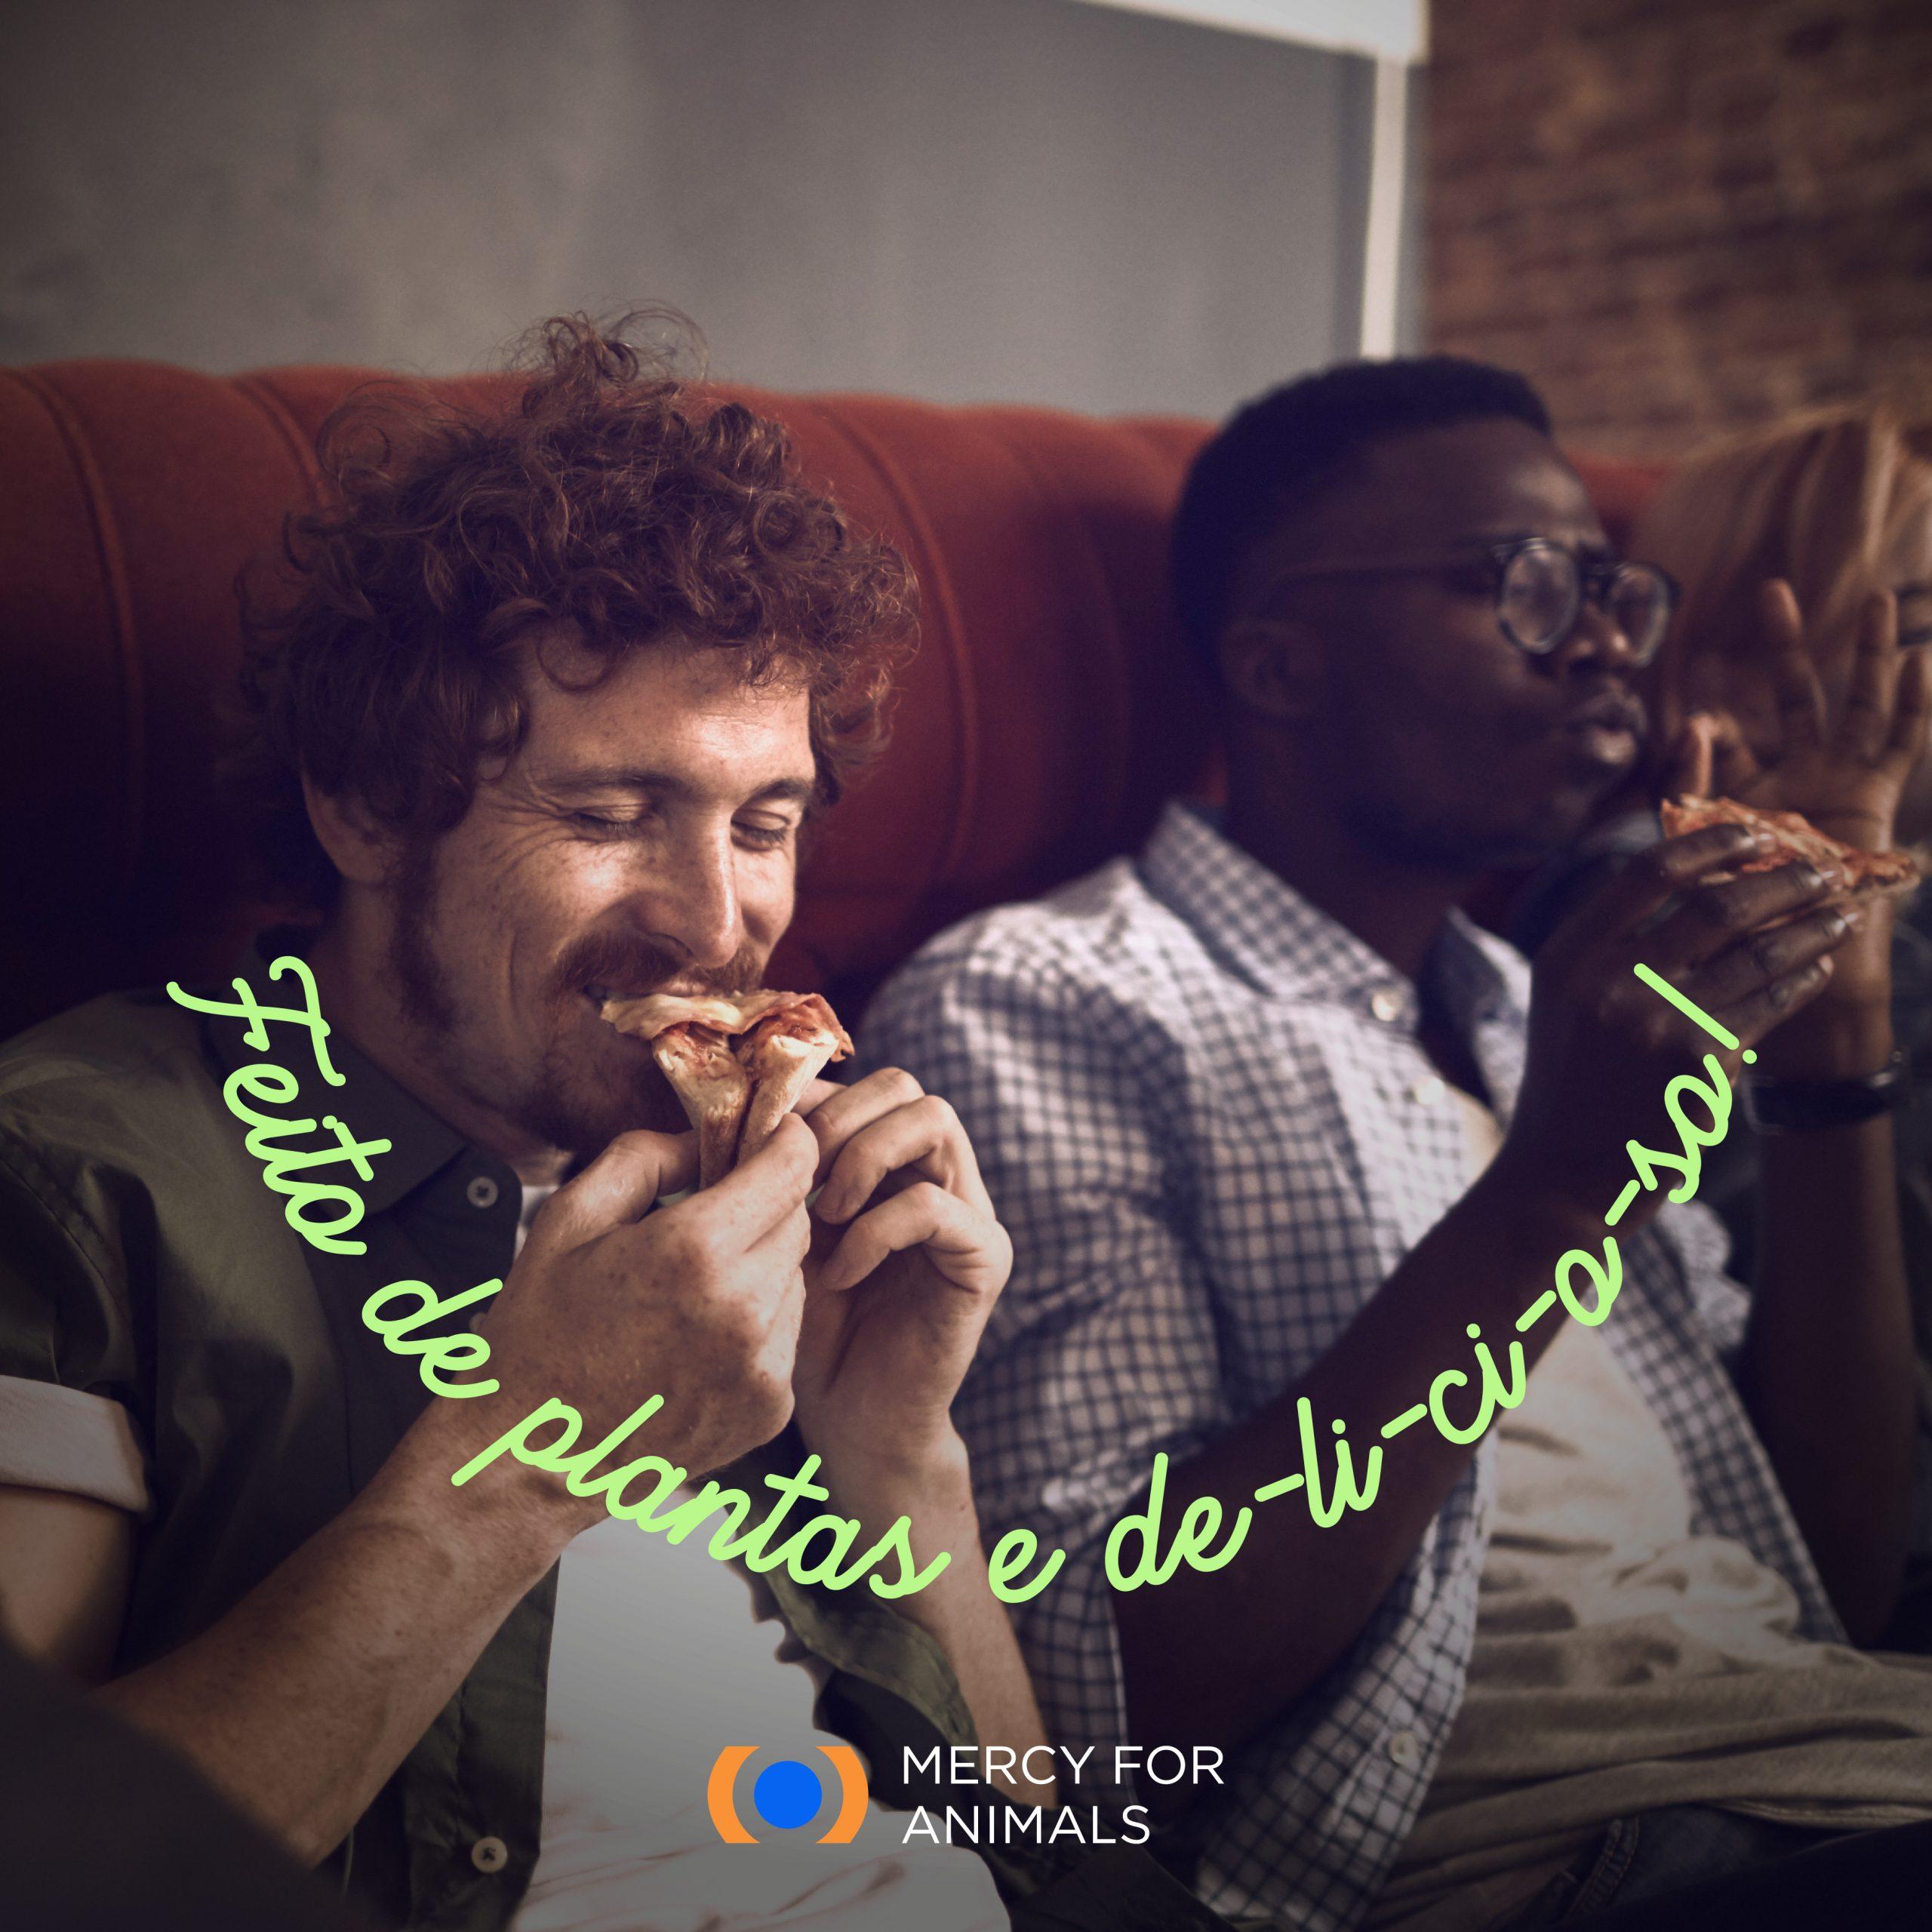 Pesquisa feita pelo The Good Food Institute em 2020 indicou que 50% dos brasileiros alegam estar reduzindo o consumo de carne